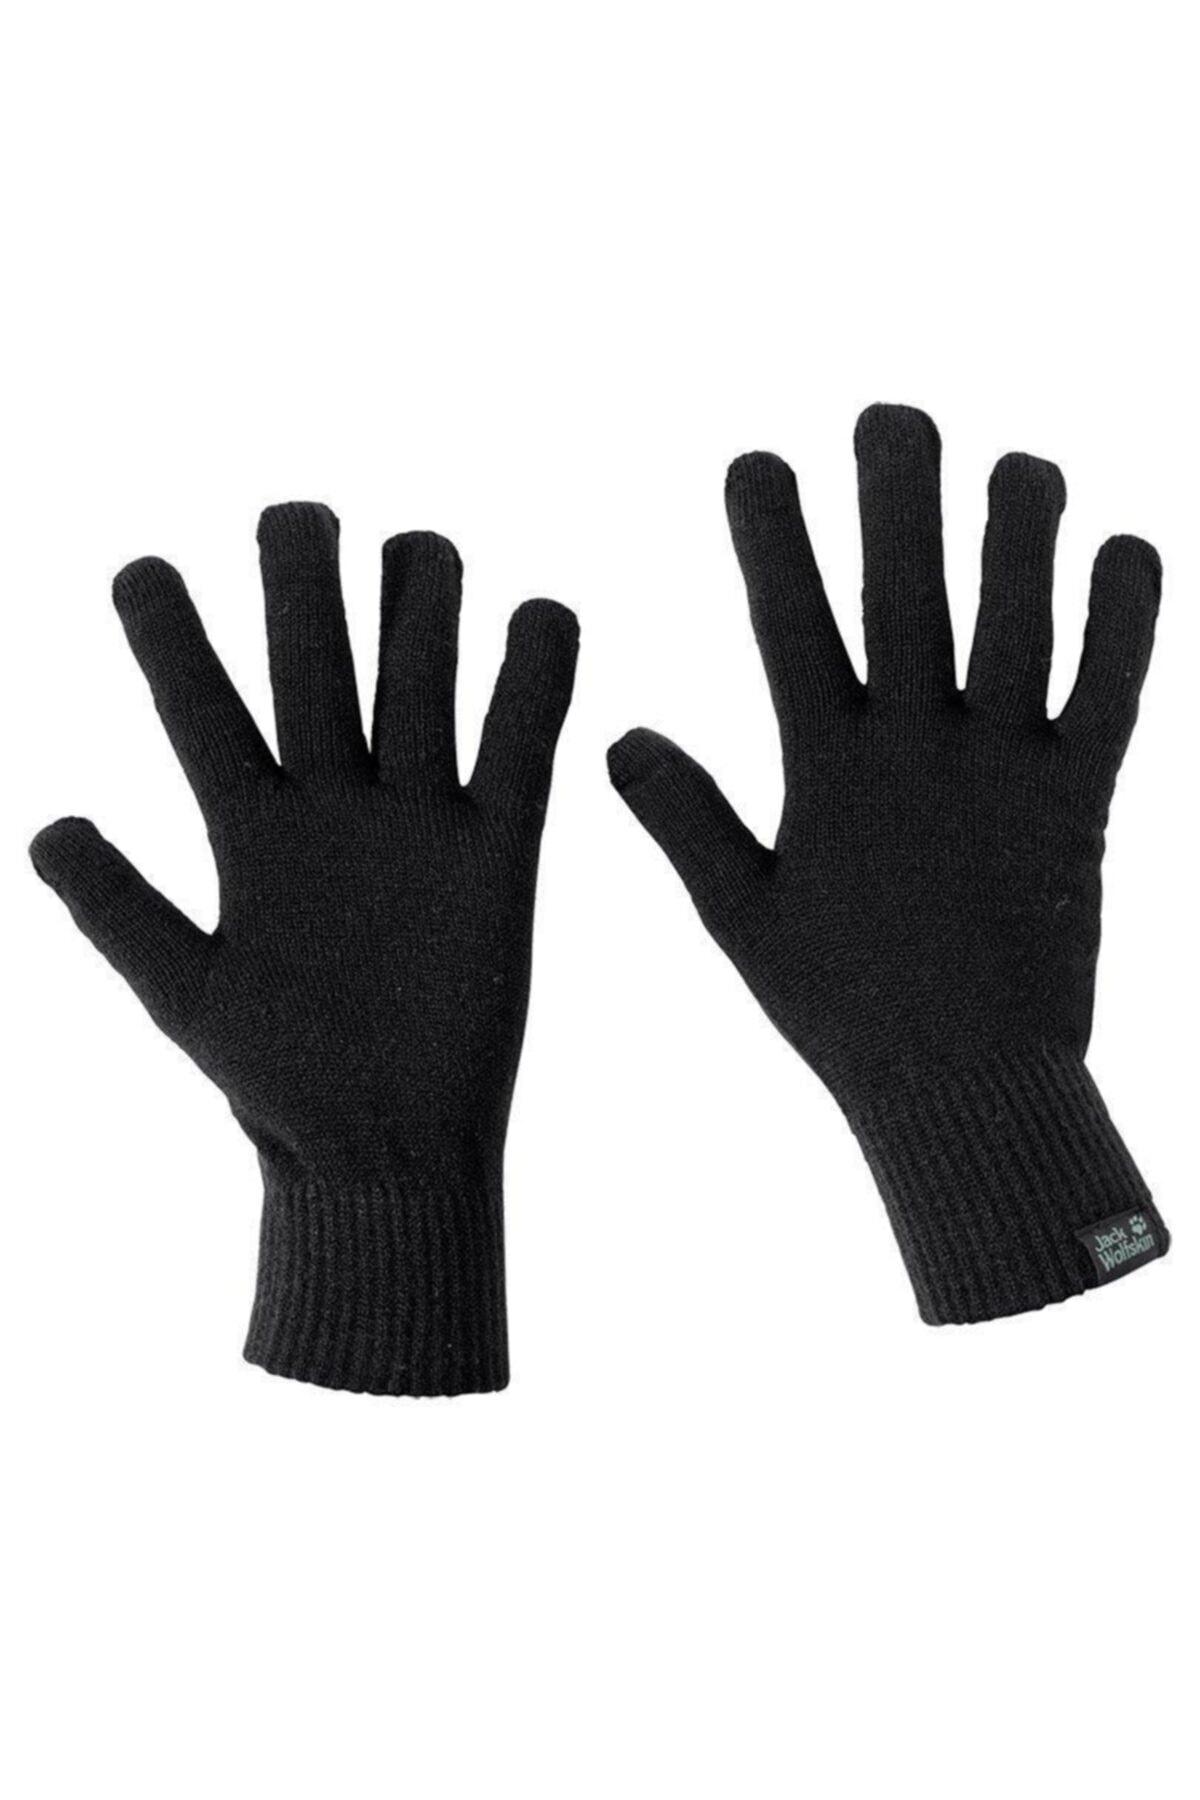 Jack Wolfskin Touch Knit Glove Unisex Eldiven - 1906391-6000 1